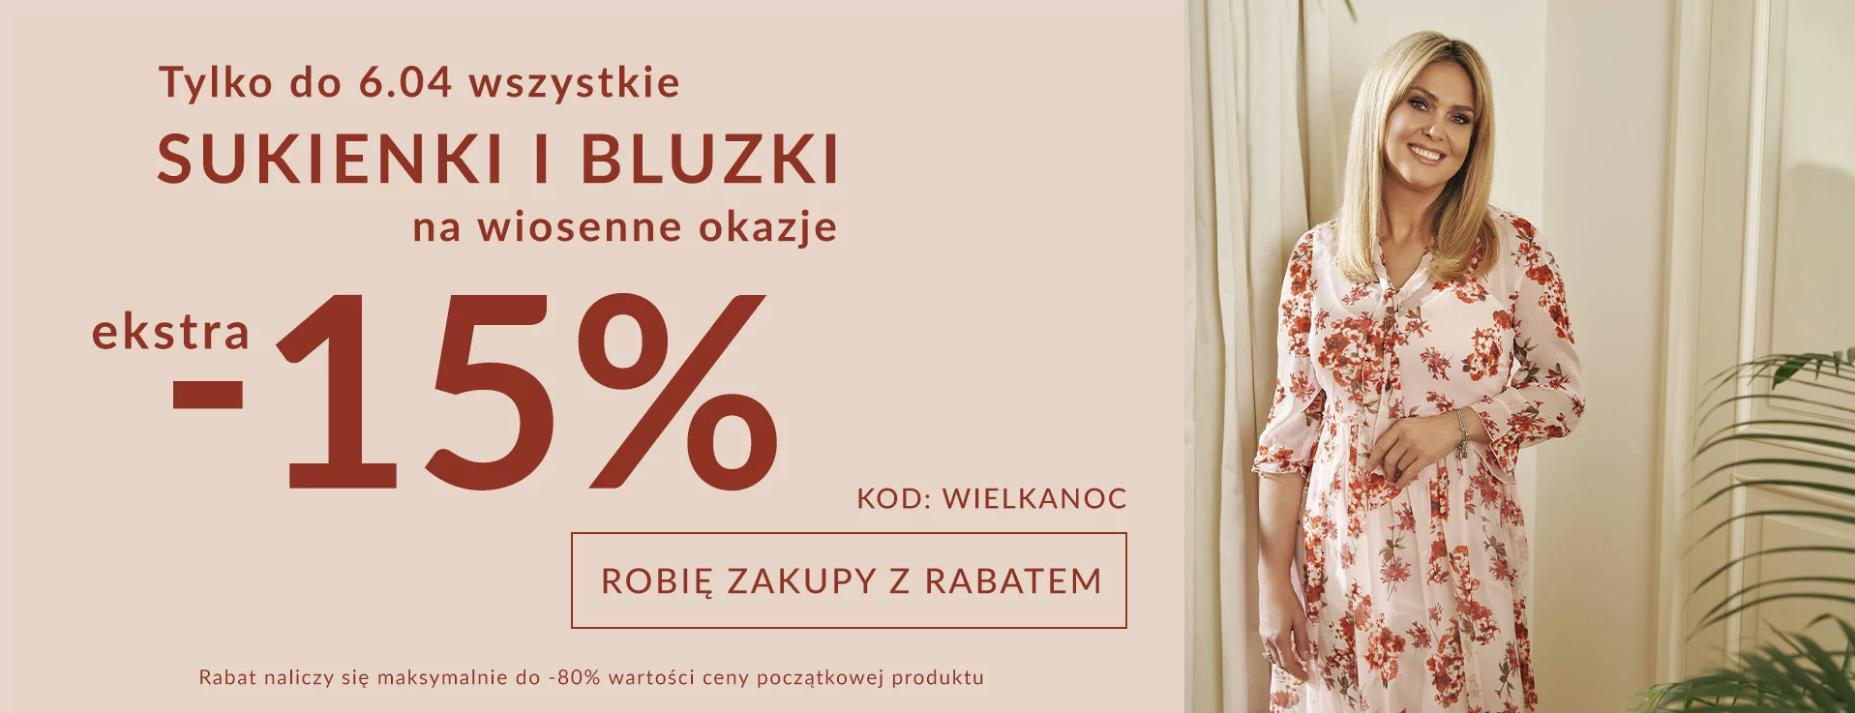 Quiosque: dodatkowe 15% rabatu na sukienki i bluzki